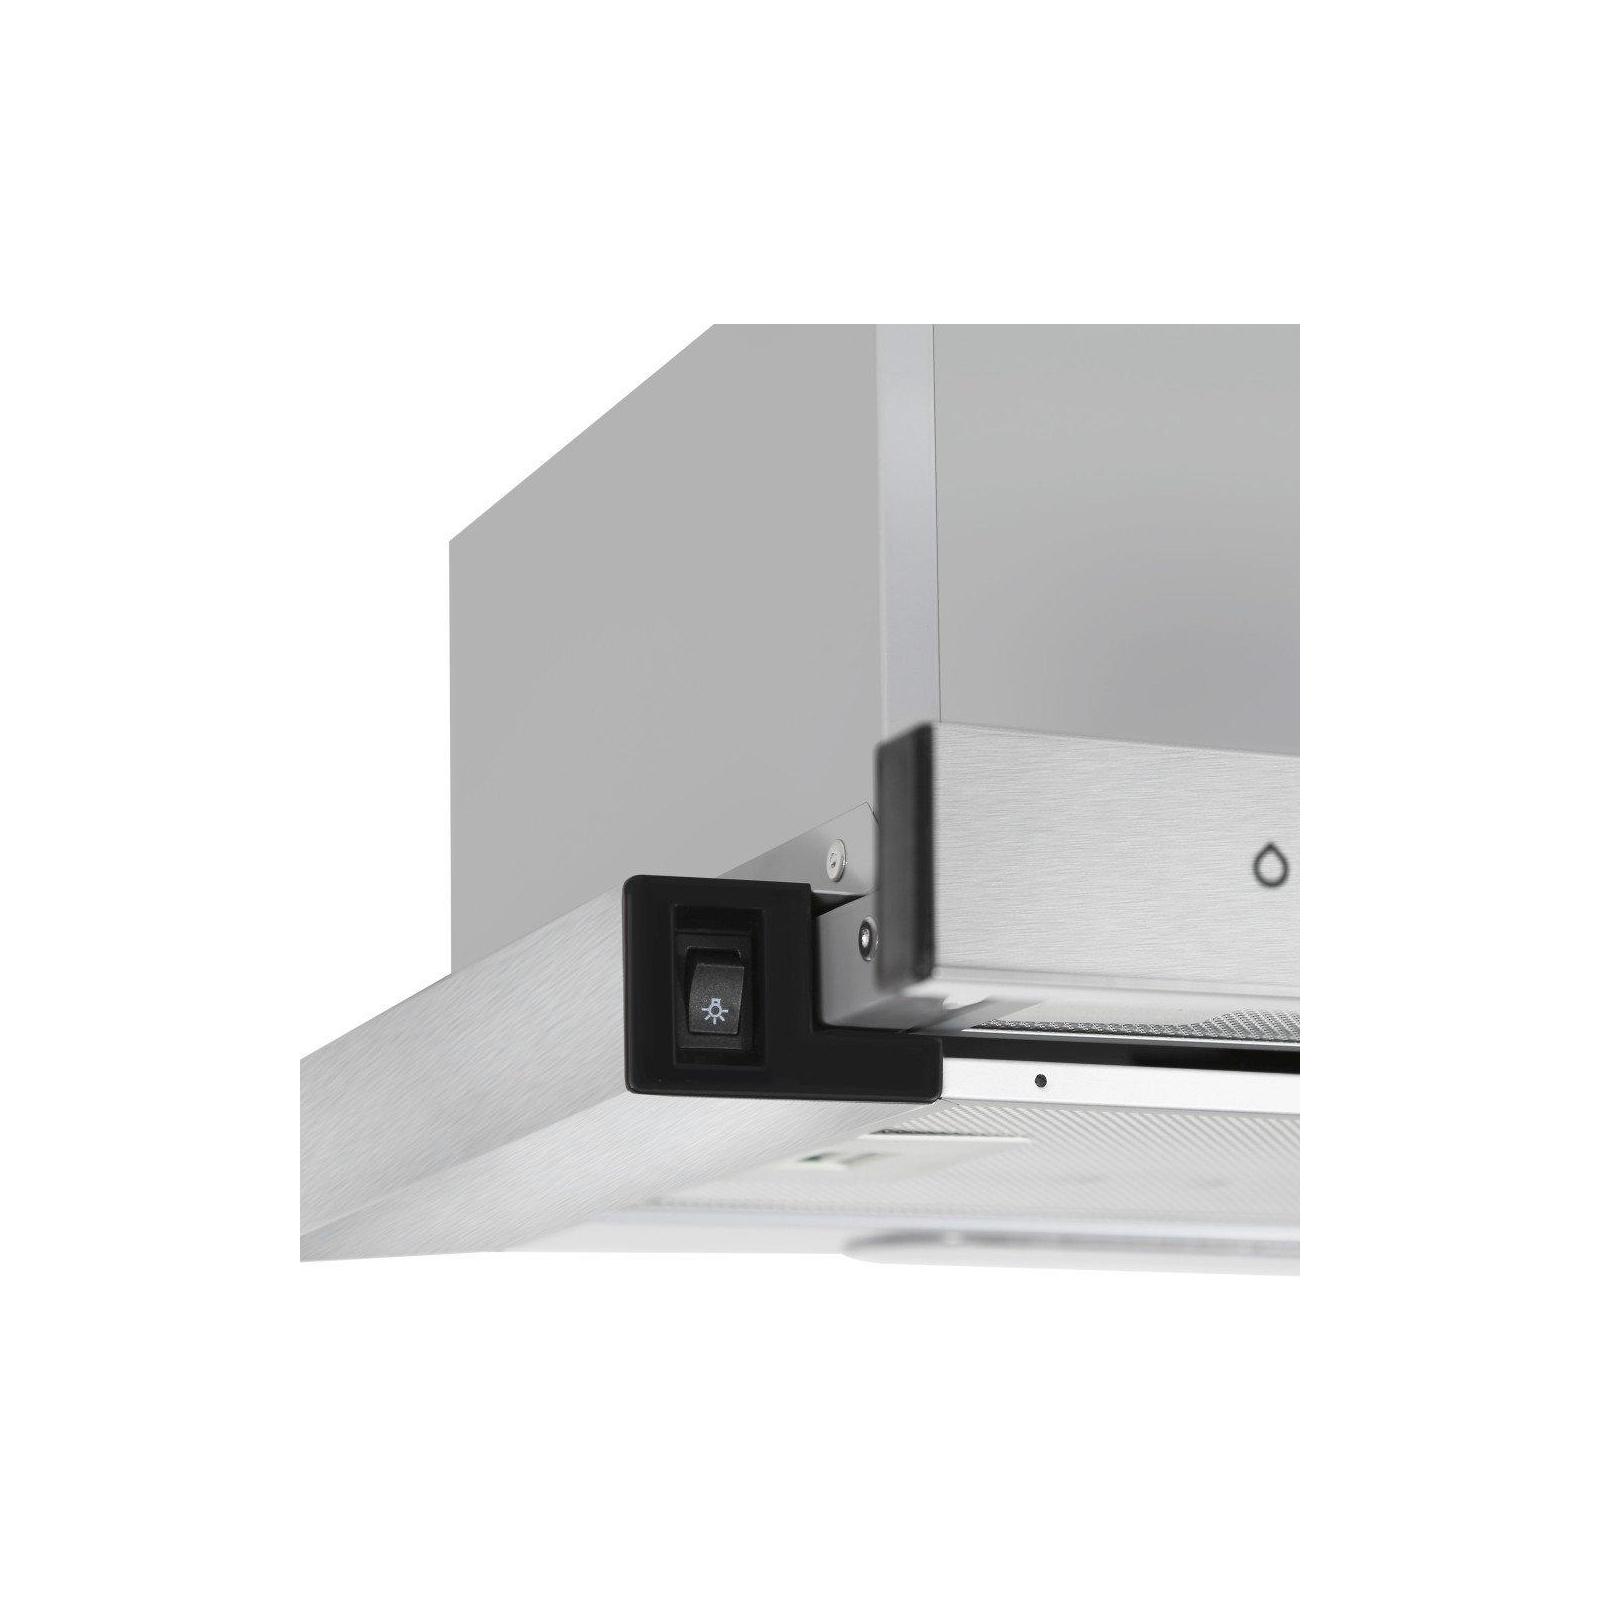 Вытяжка кухонная MINOLA HTL 5010 FULL INOX 430 изображение 3